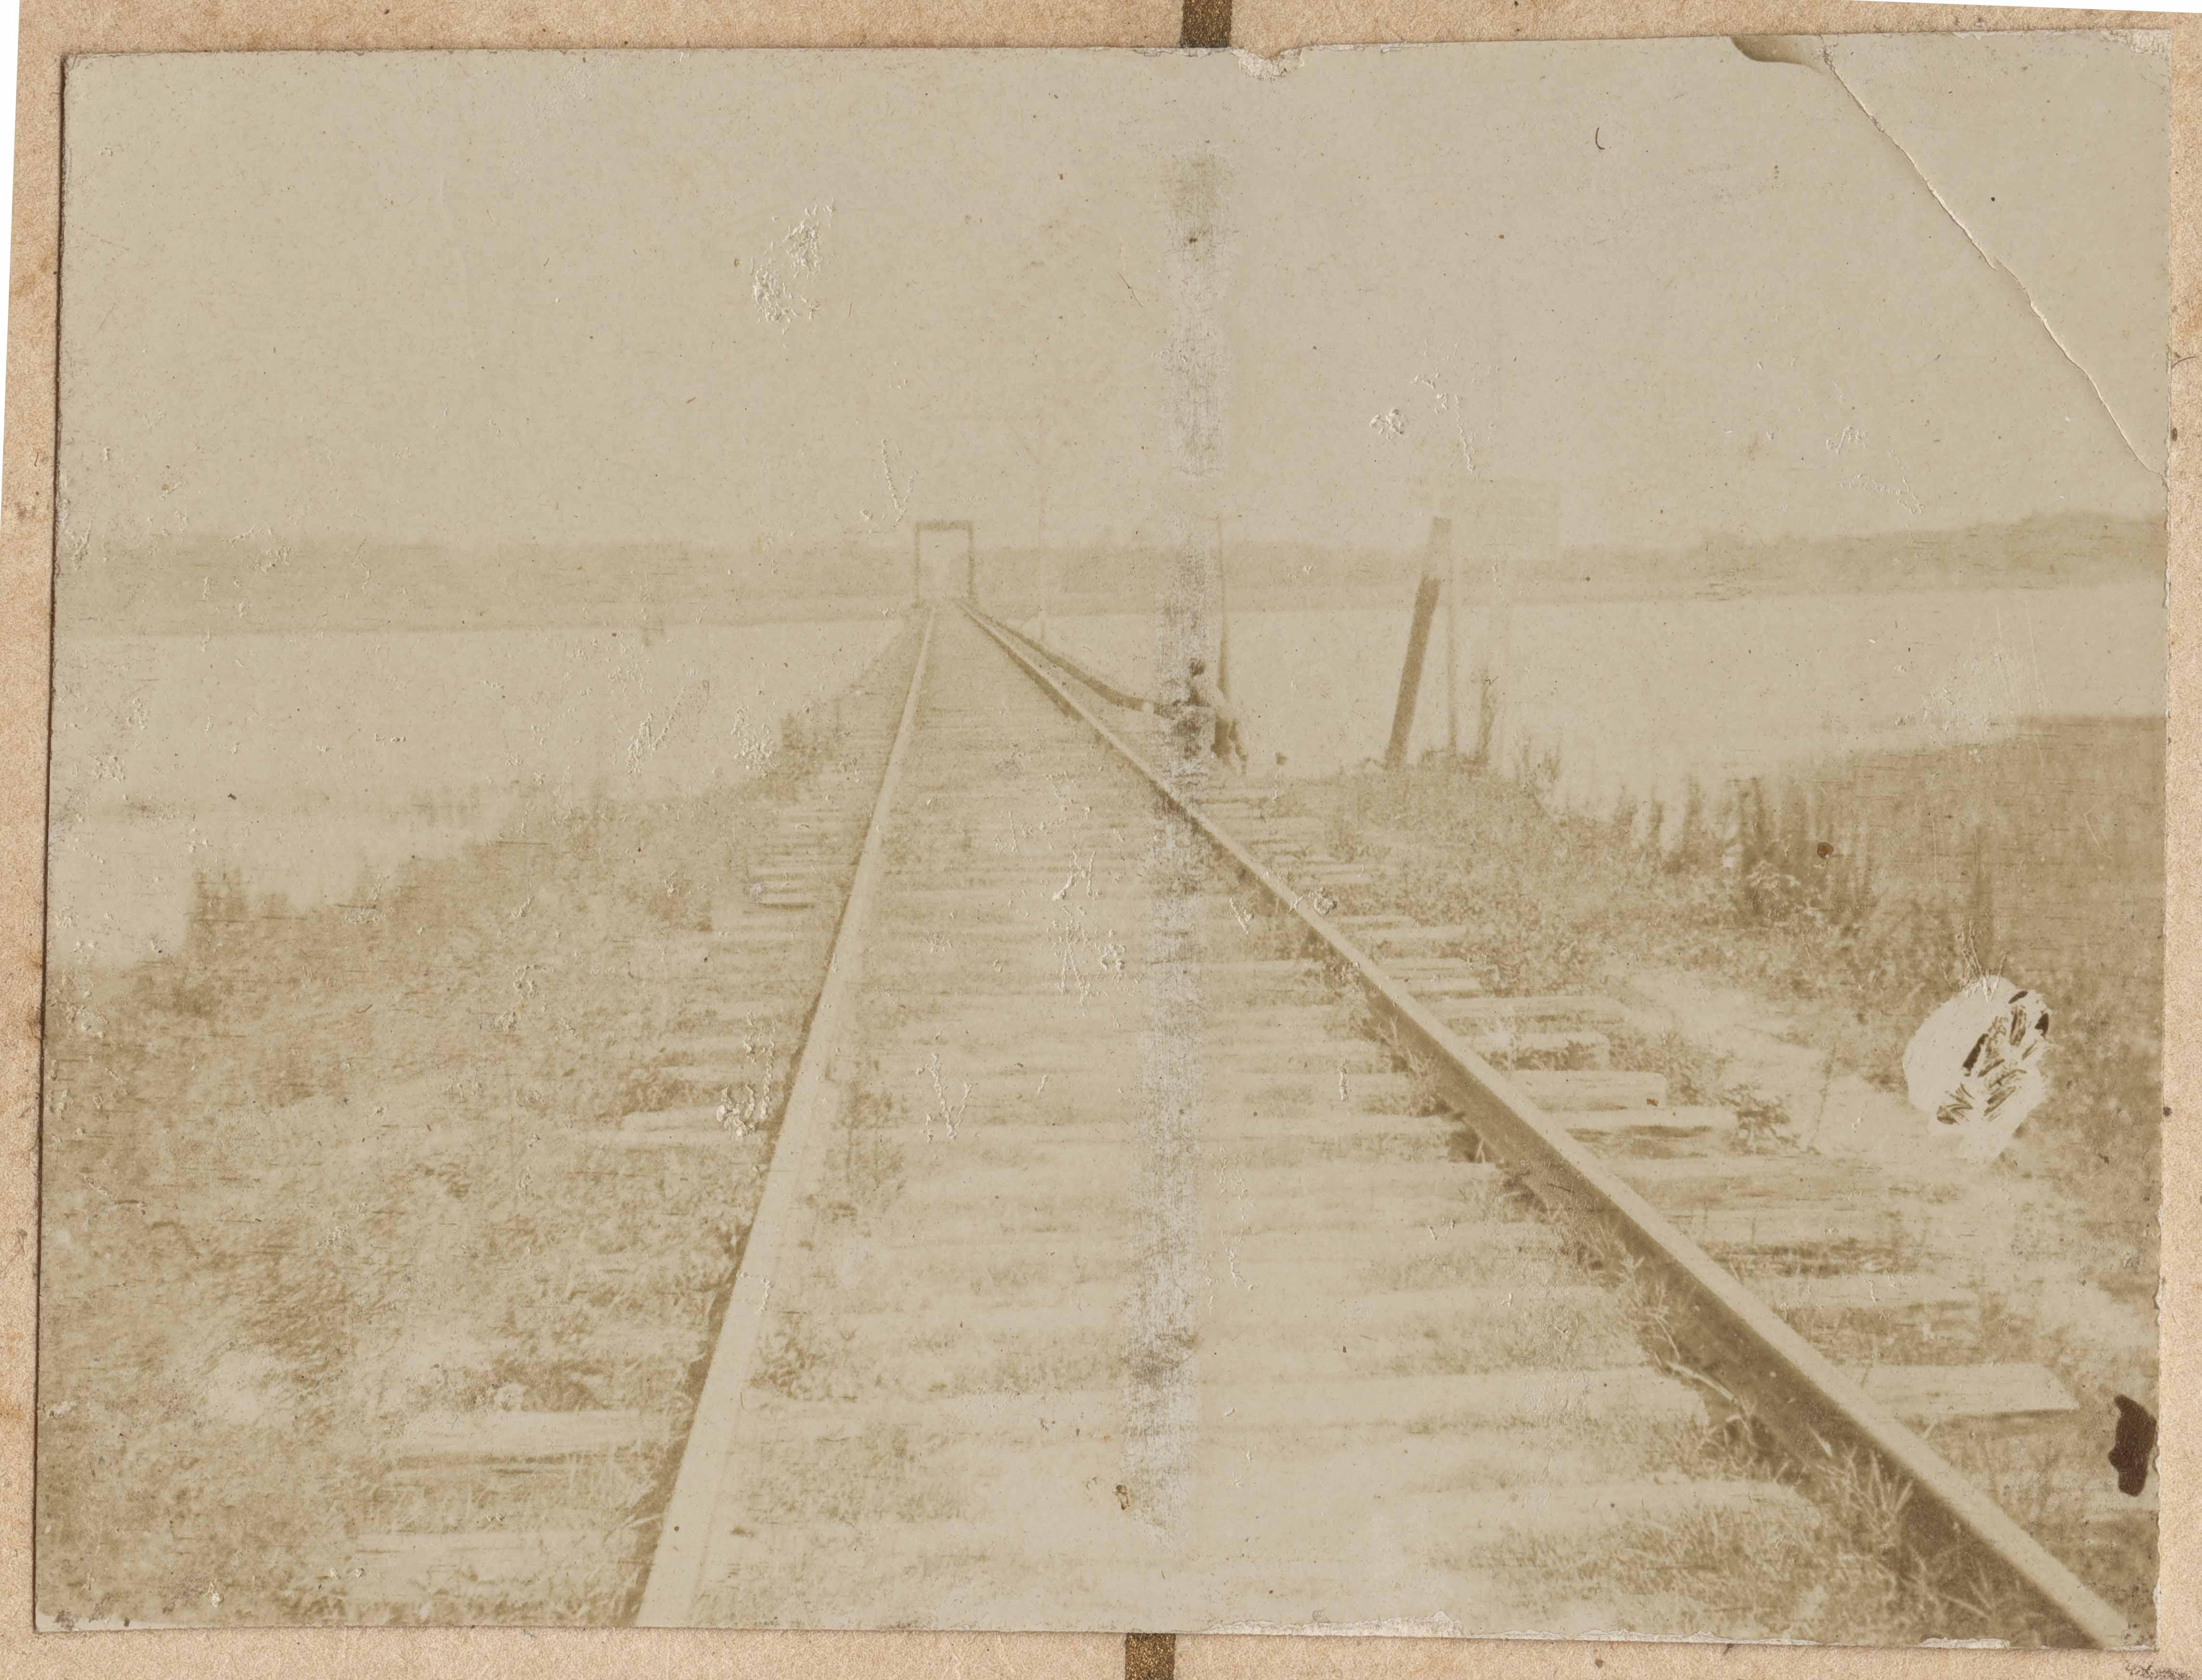 Railroad tracks on trestle